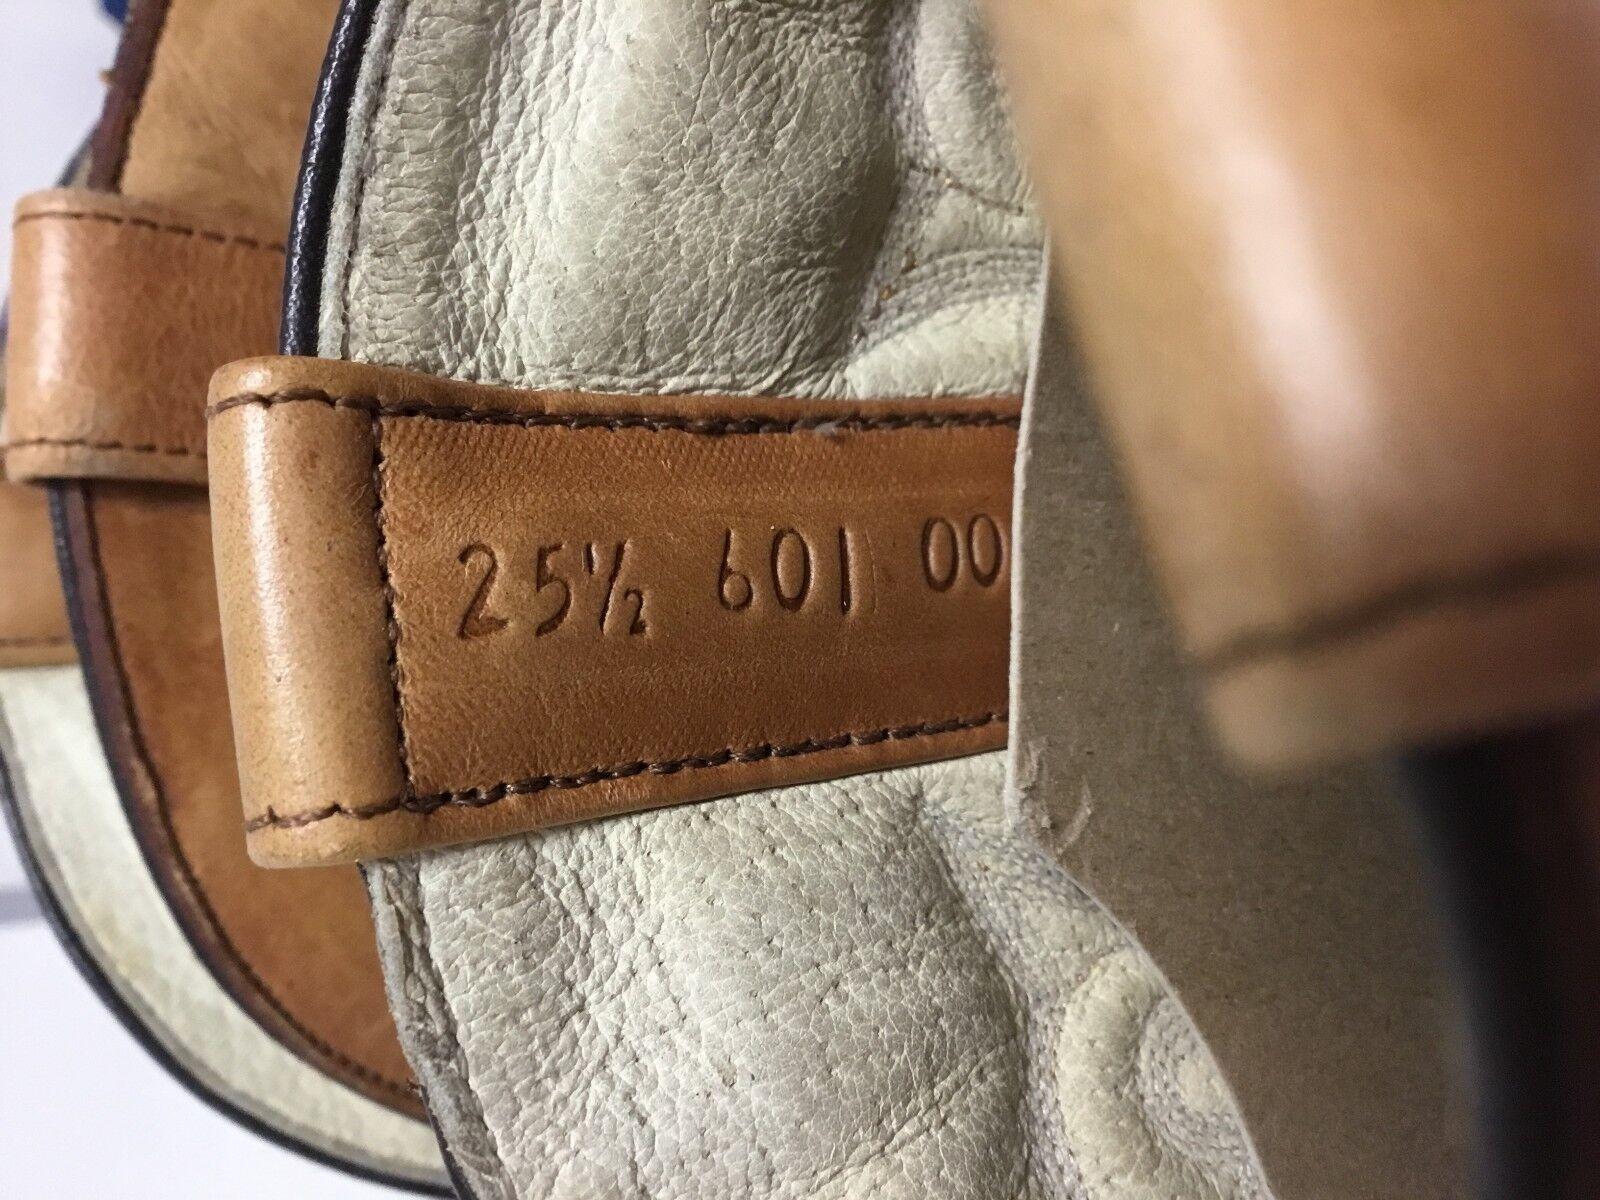 Para Hombre Botas Vaqueras De Cuero Marrón Crazy Bull u Zapatos tamaño 25.5/7.5 Zapatos u botas hombre c960bd